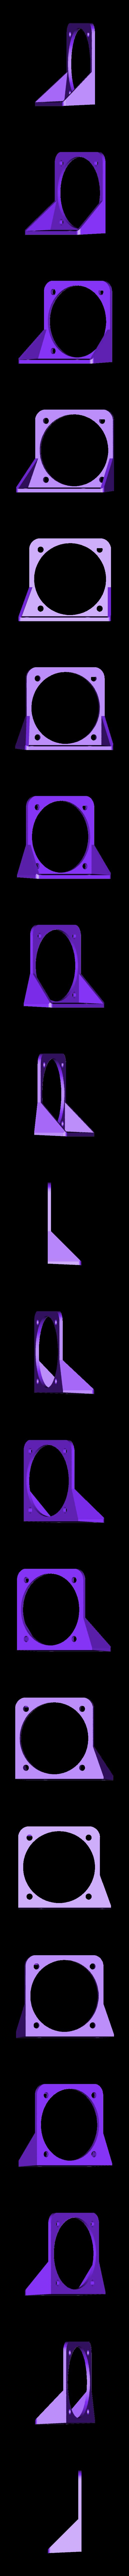 Chiron_Hemera_Probe_Mount_v2.stl Télécharger fichier STL gratuit E3D Hemera Linear Rail Mount pour Chiron • Objet pour imprimante 3D, dincaionclaudiu